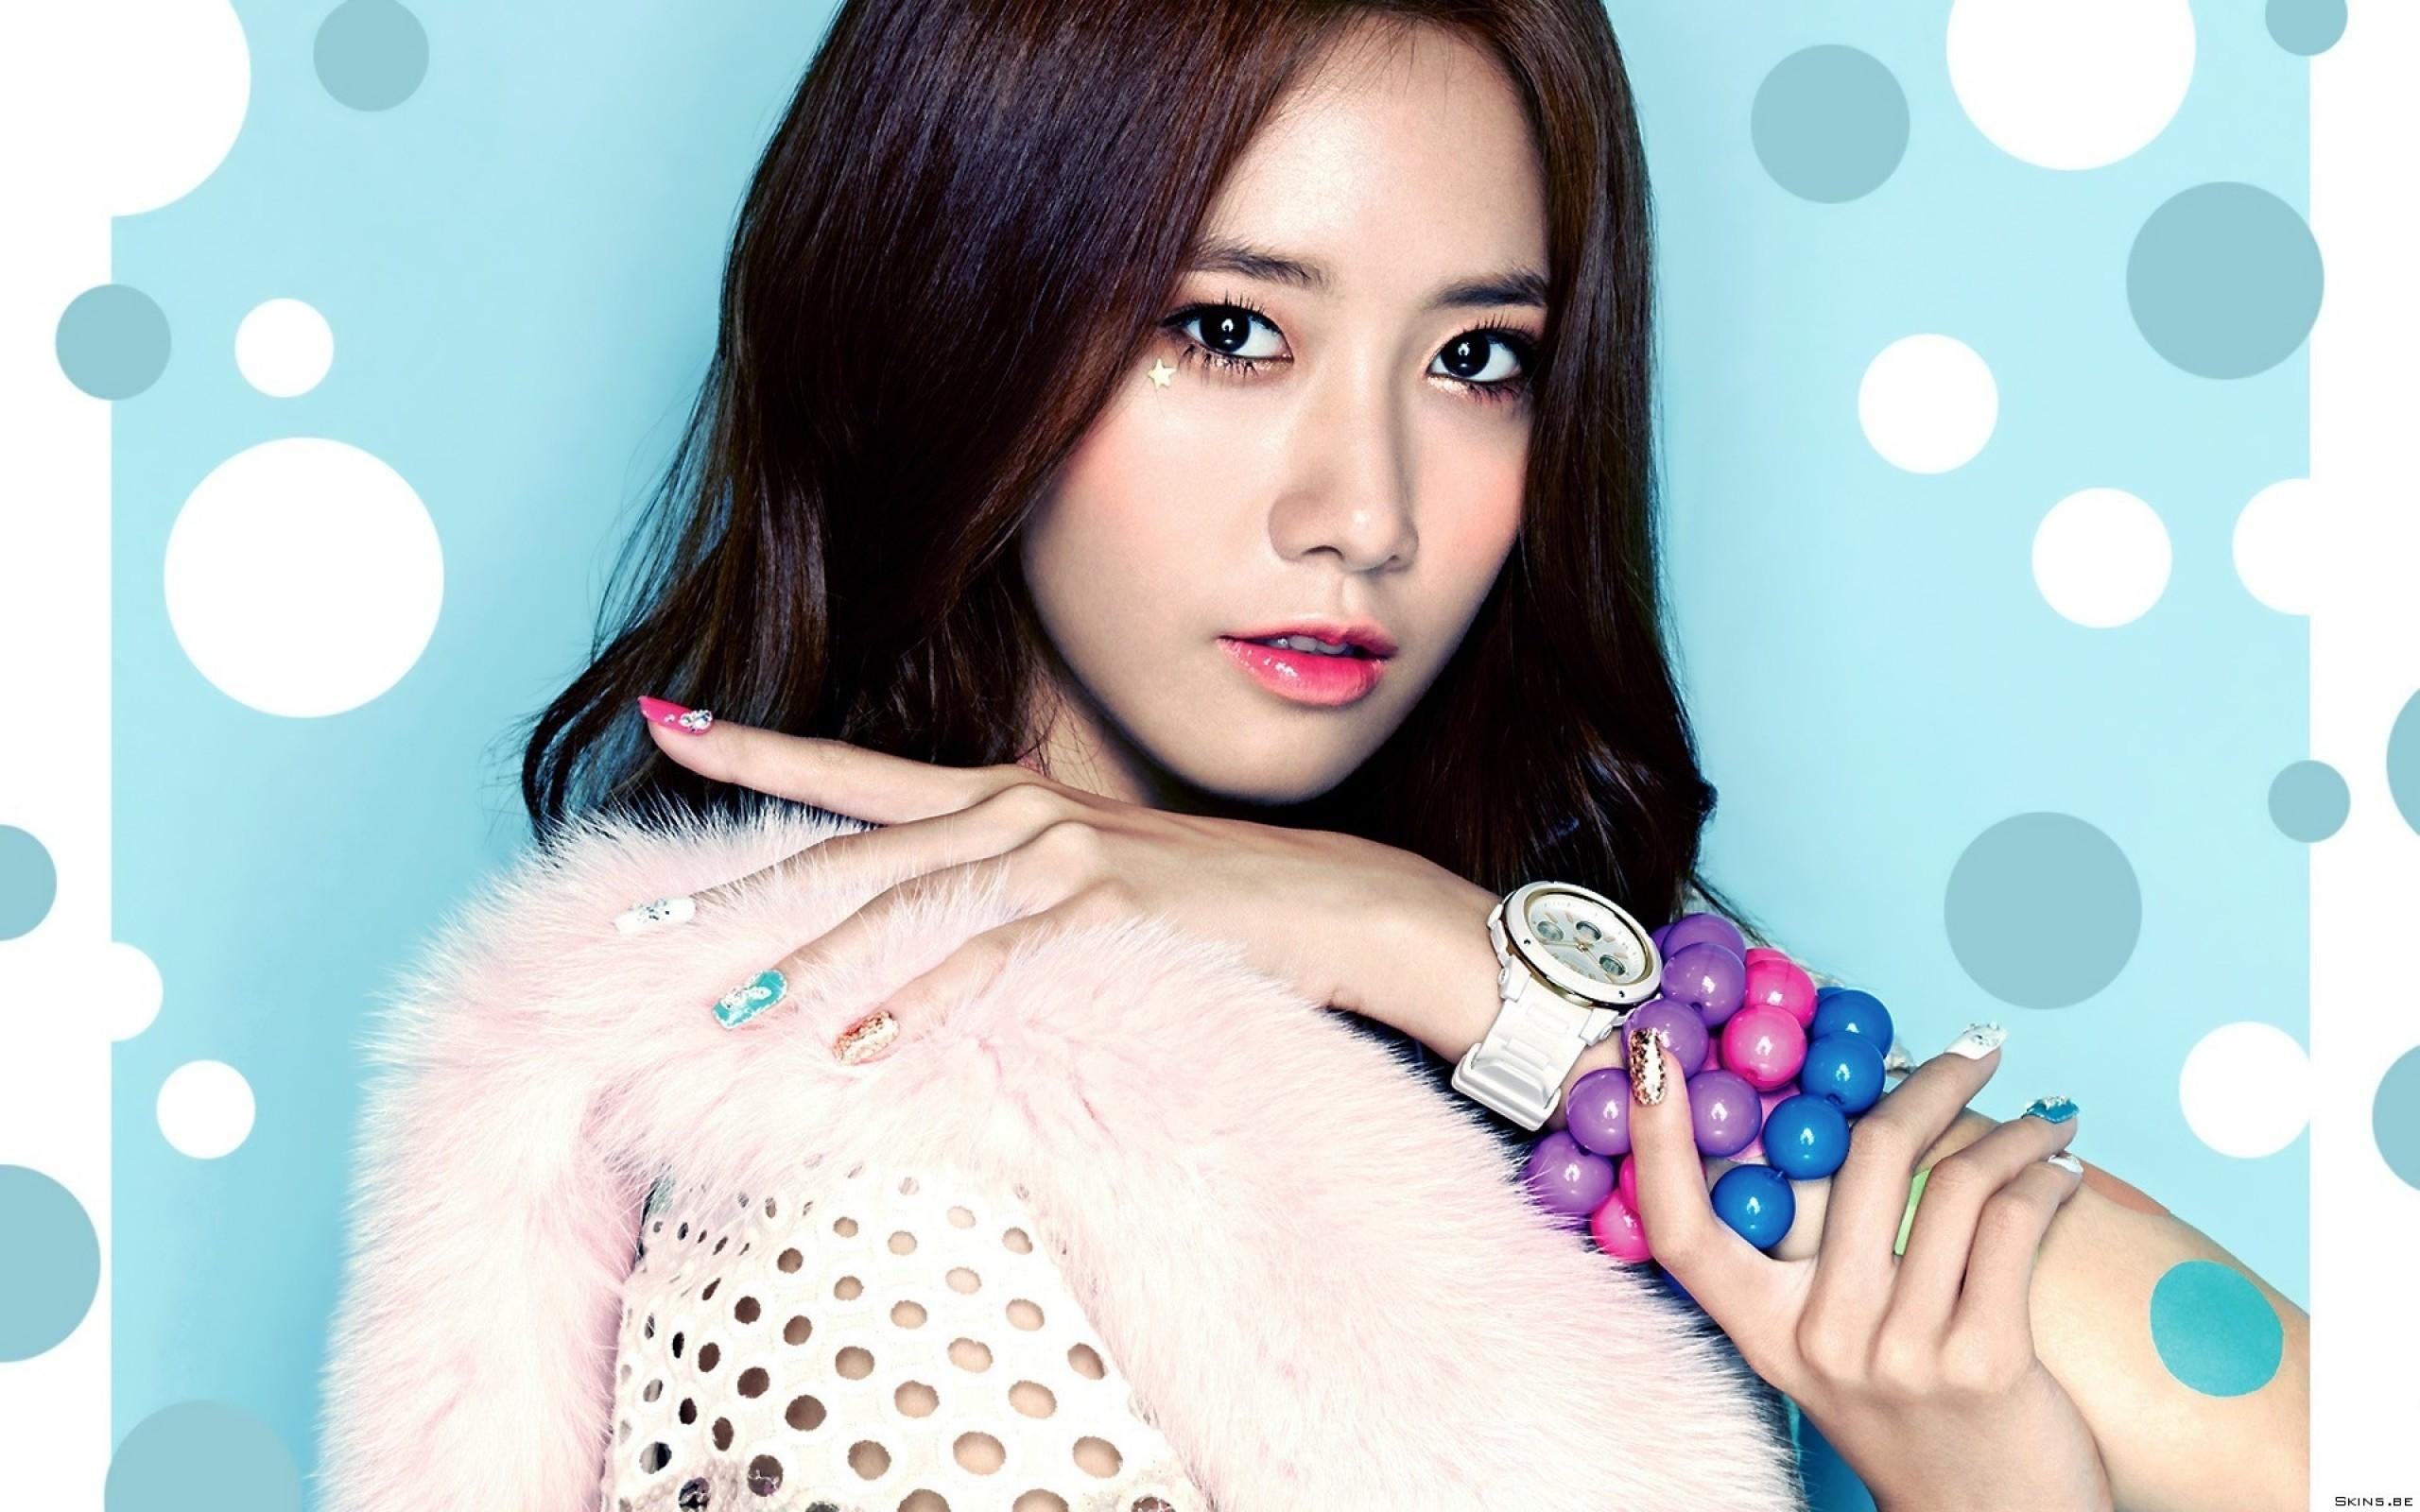 Im Yoona Movie List Simple yoona hd wallpaper (74+ images)